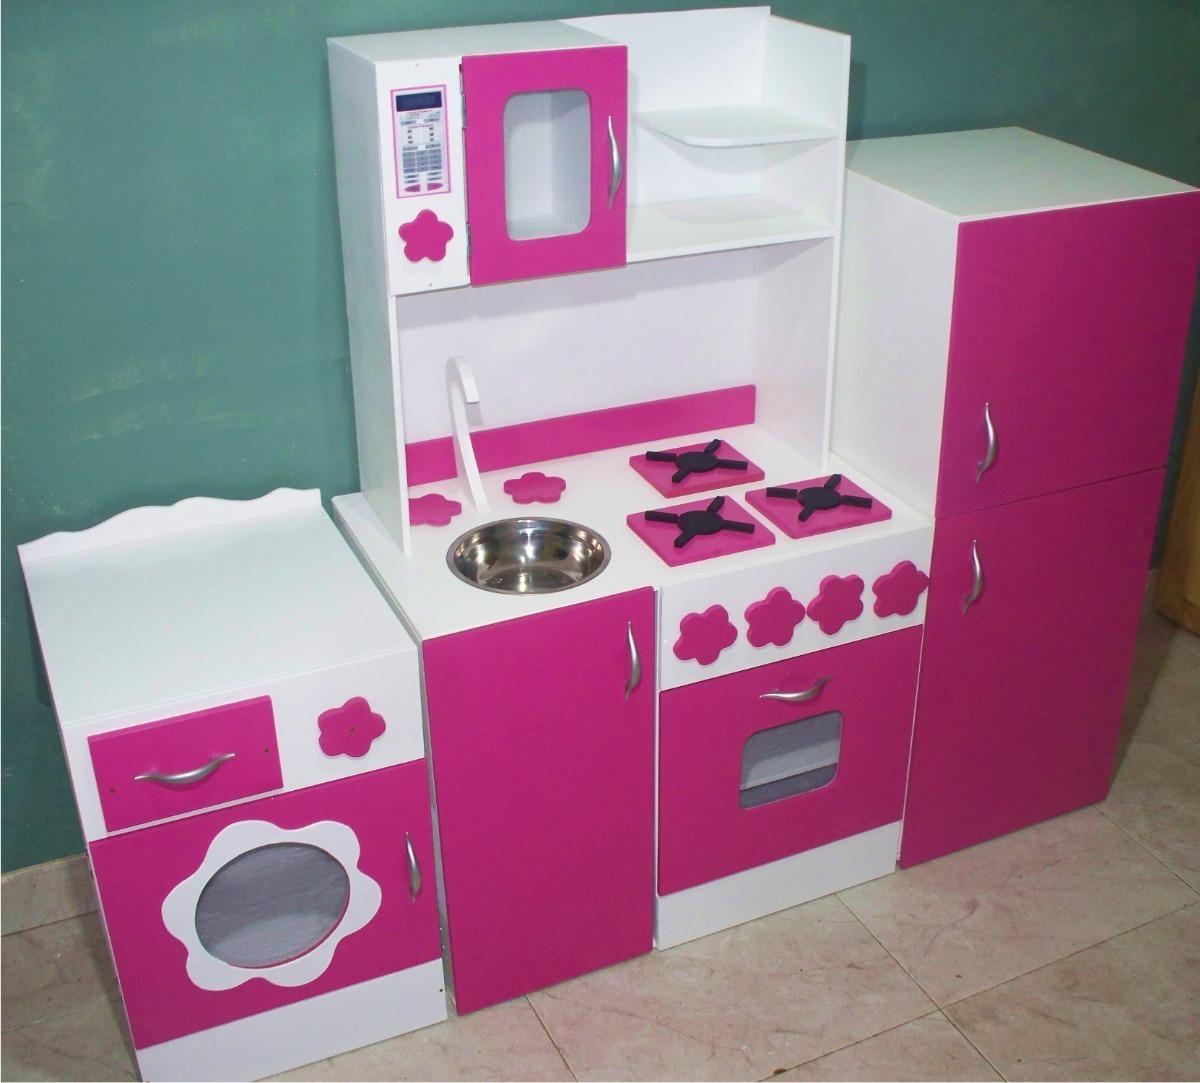 Cocina Infantil Cocinita De Juguete Madera Casitas Muebles Jardin Rincon Niñas Niños Juego Didactico